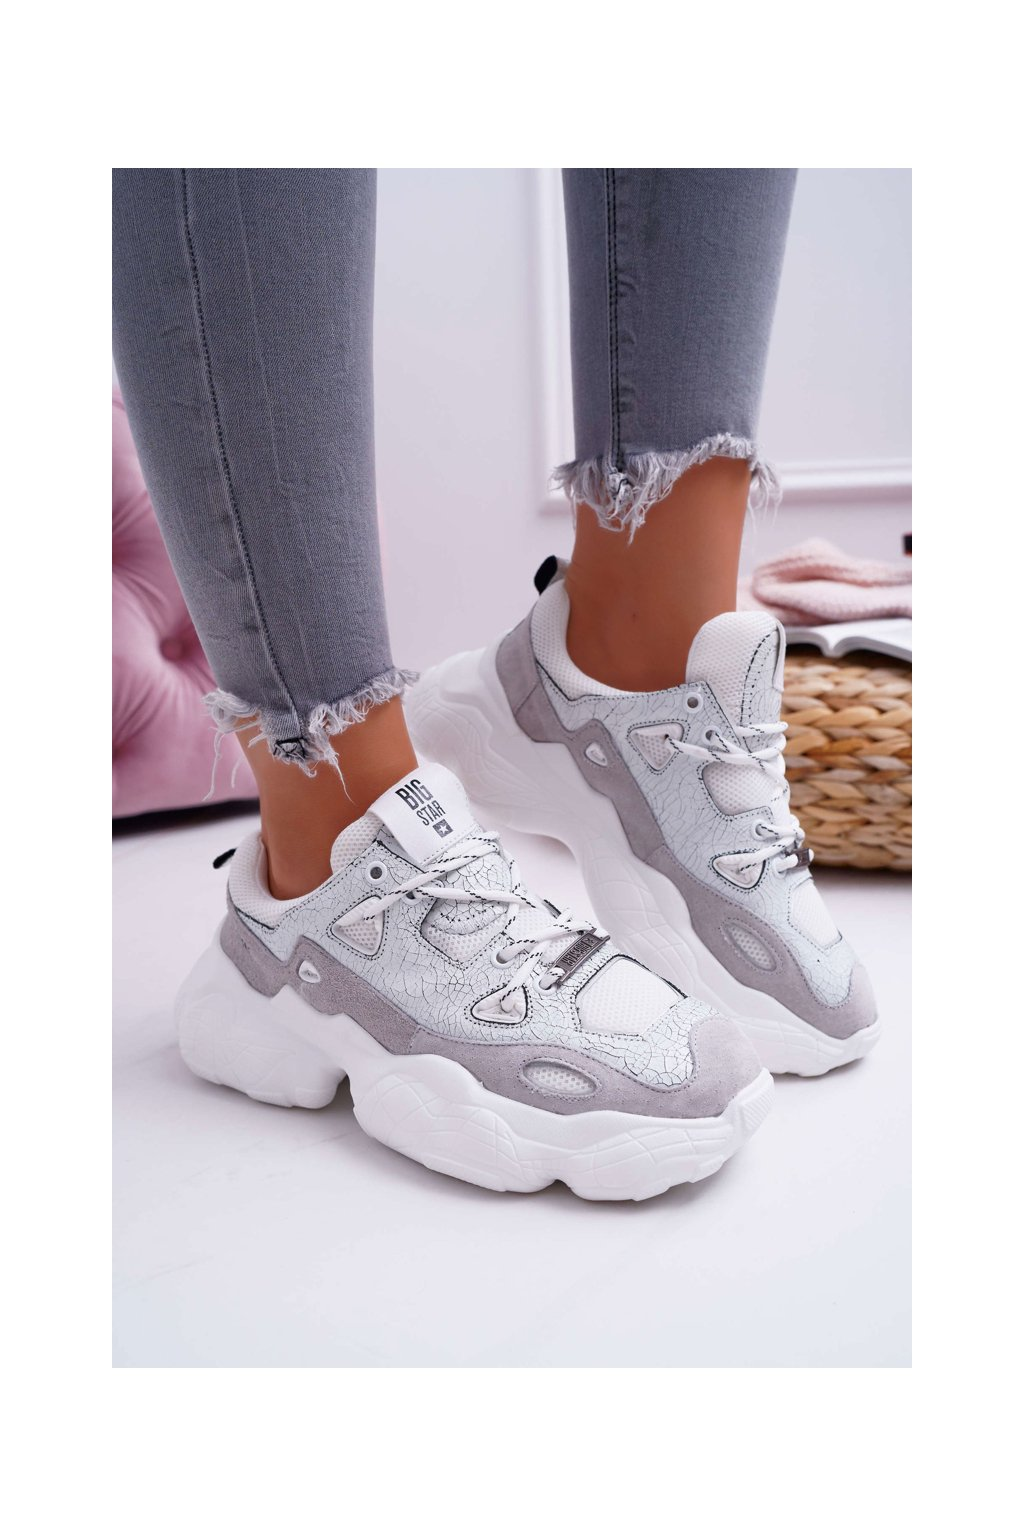 Dámska športová obuv NJSK FF274430 WHITE